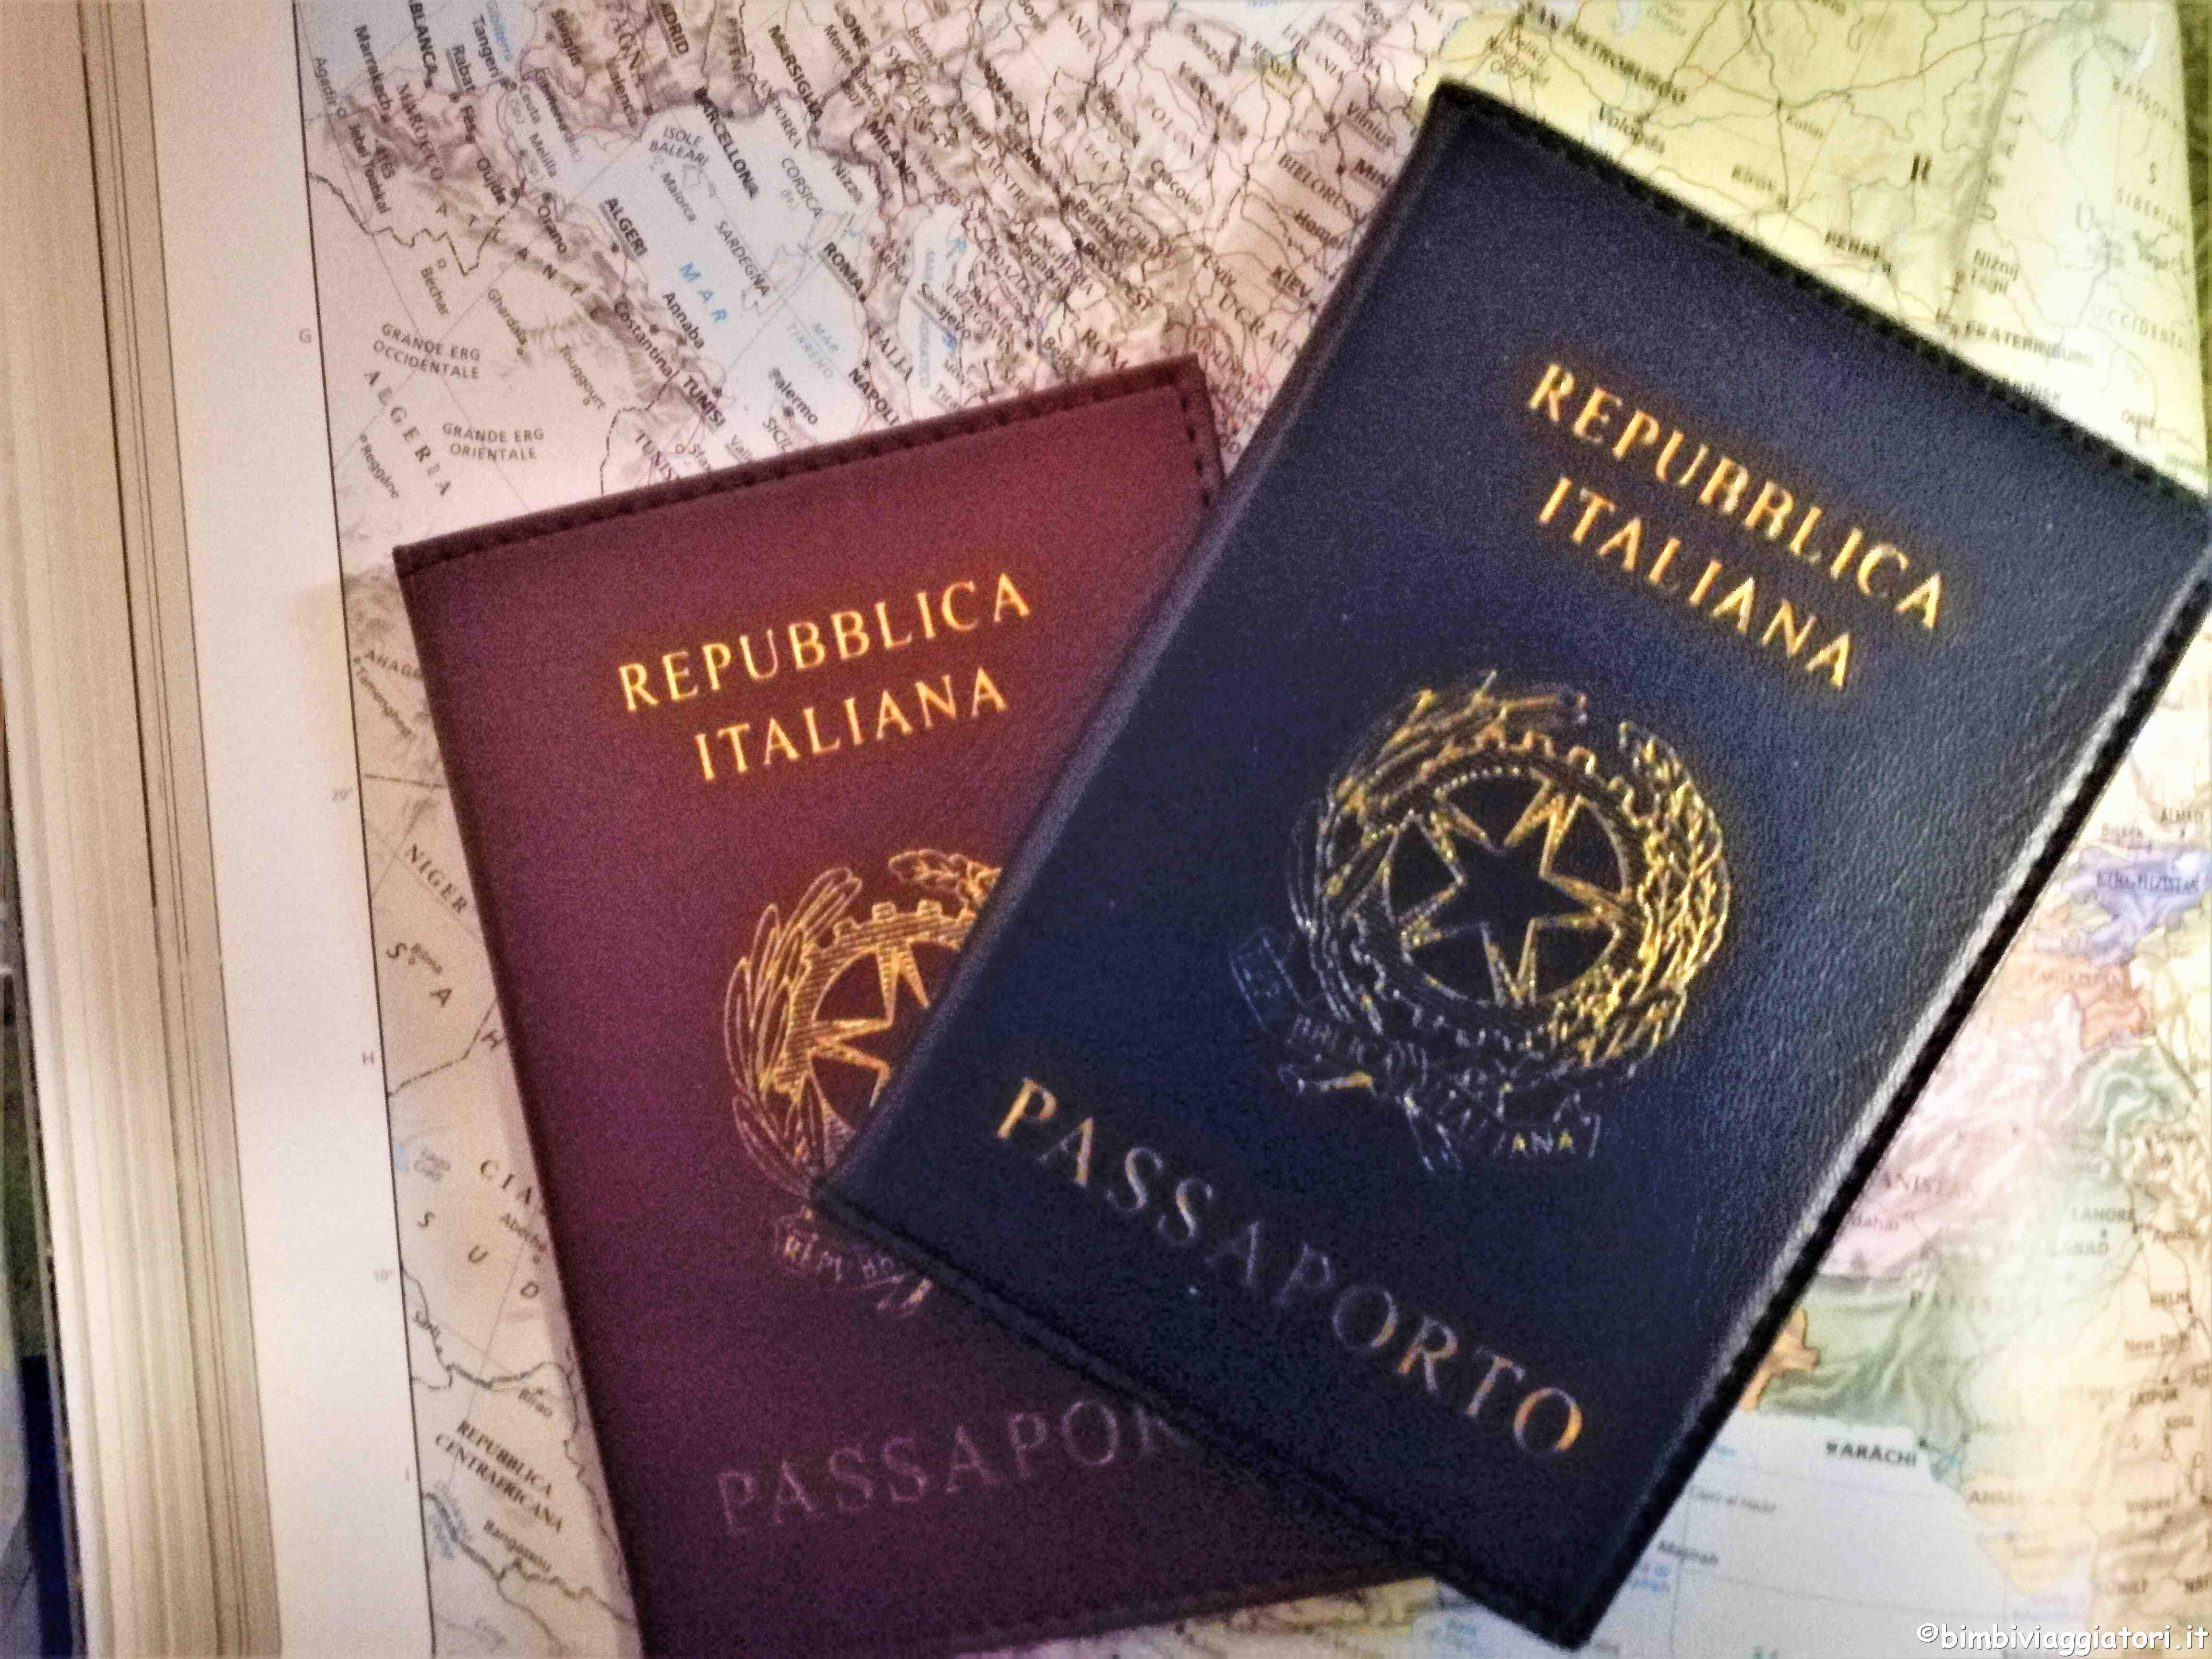 Passaporto per i bambini